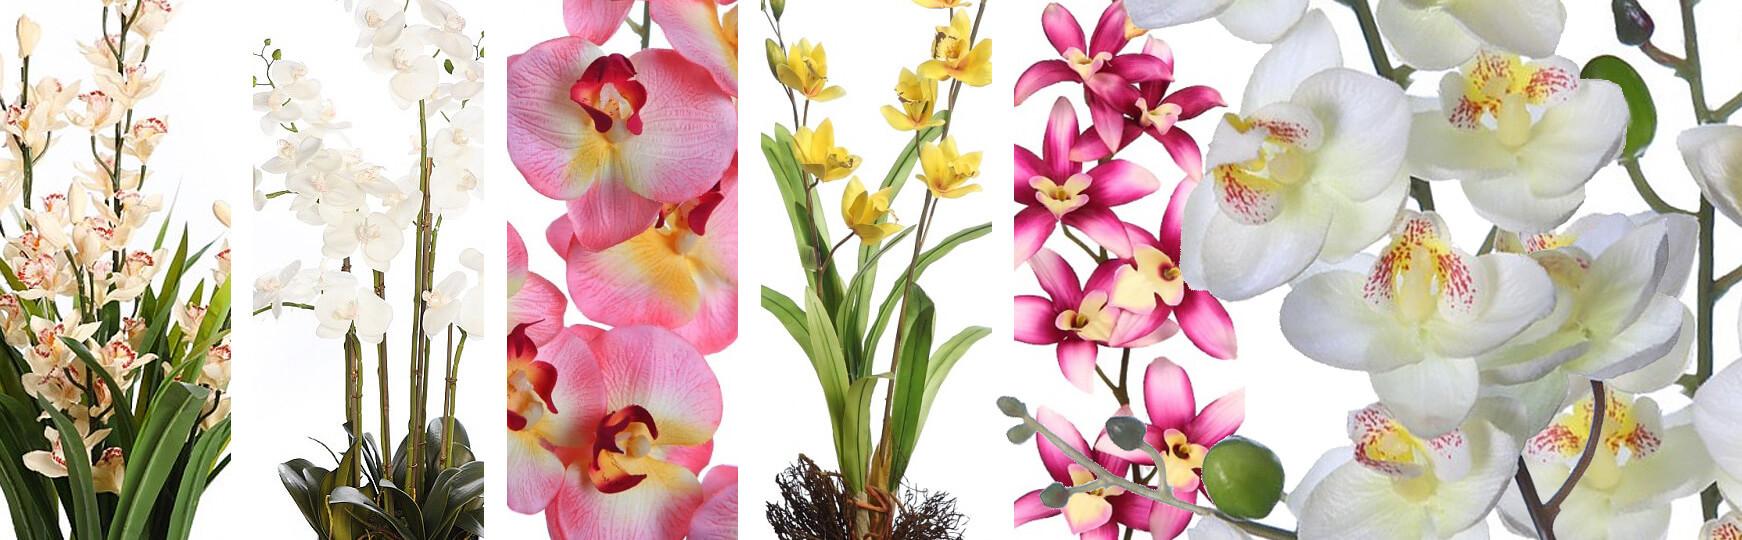 Orquídeas artificiales baratas